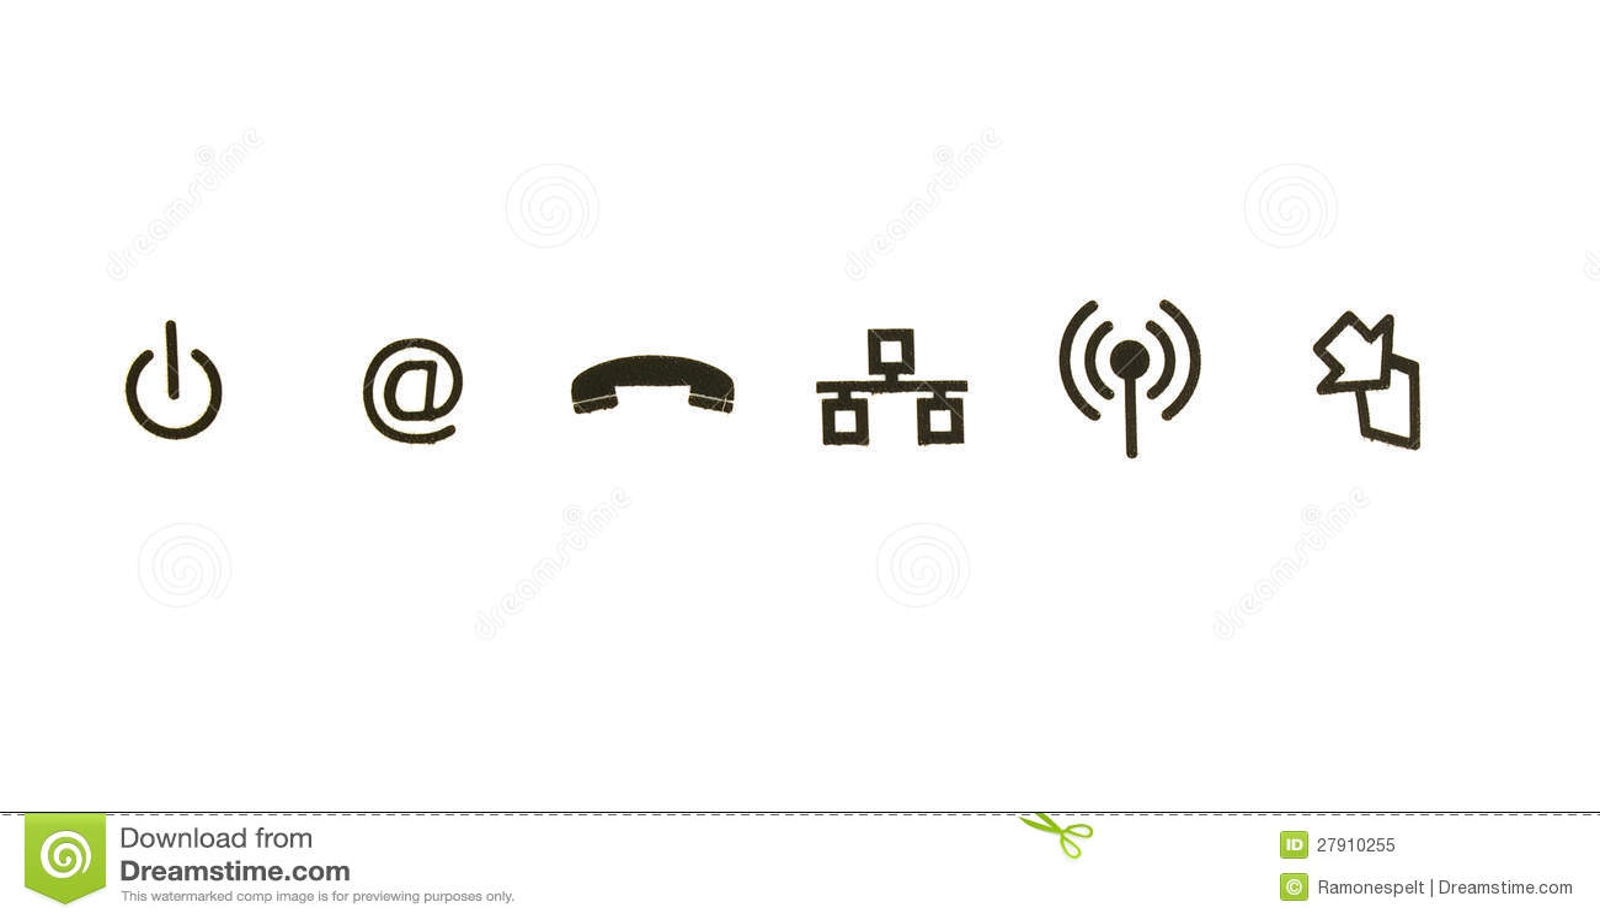 Communication symbols stock image. Image of idea